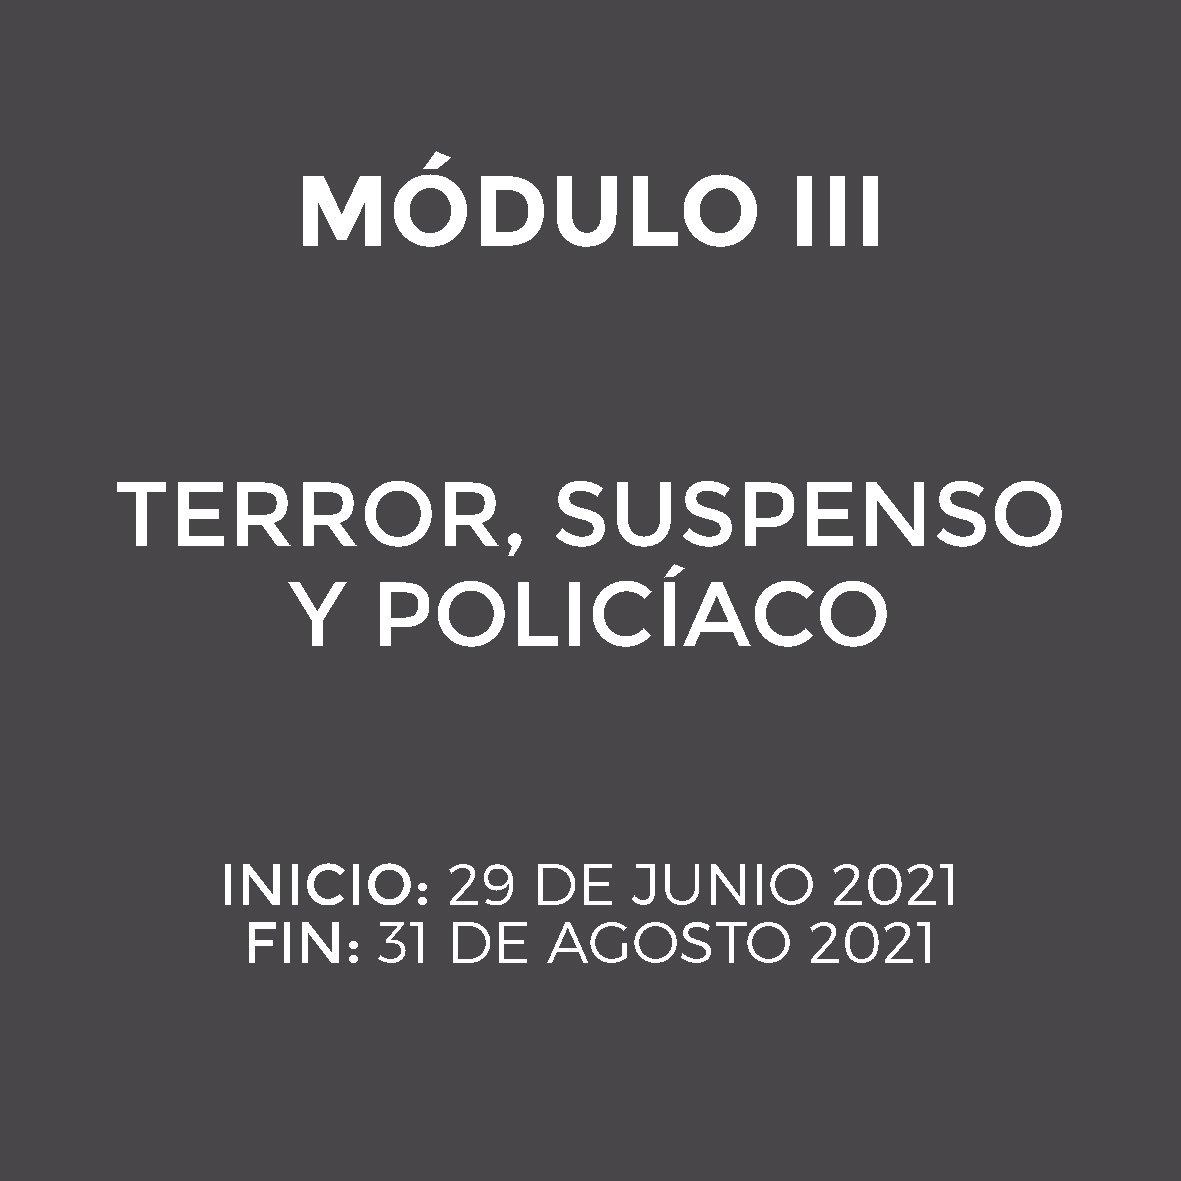 Módulo III - TERROR, SUSPENSO, POLICIACO